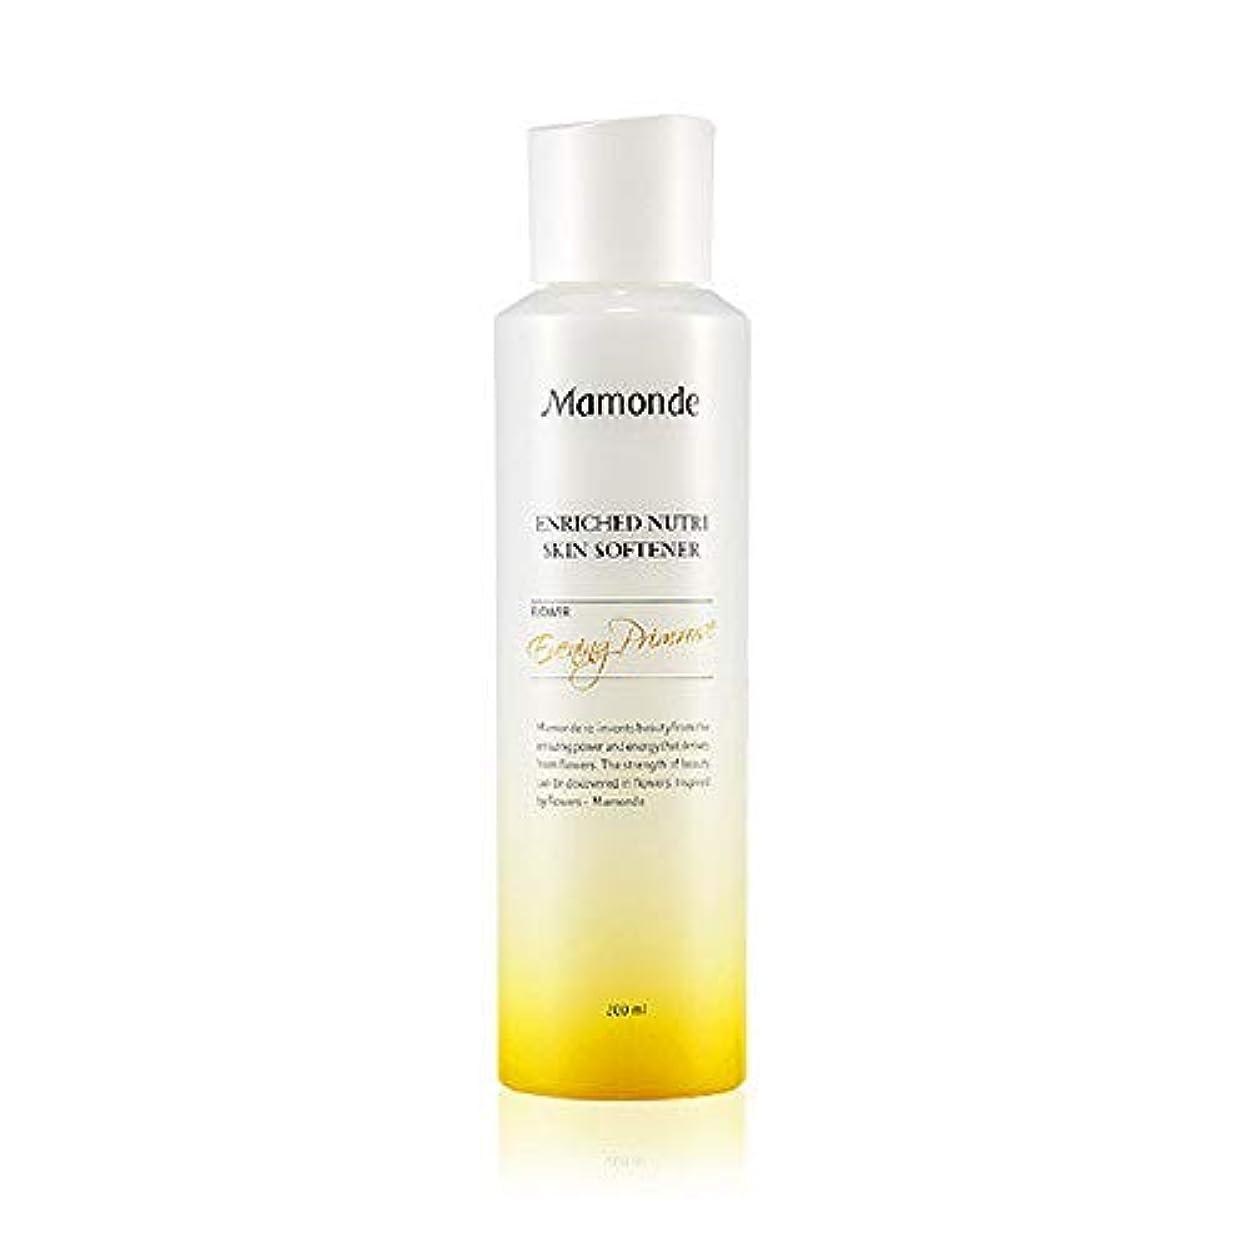 予防接種一元化する蓮Mamonde Enriched Nutri Skin Softener 200ml/マモンド エンリッチド ニュートリ スキン ソフナー 200ml